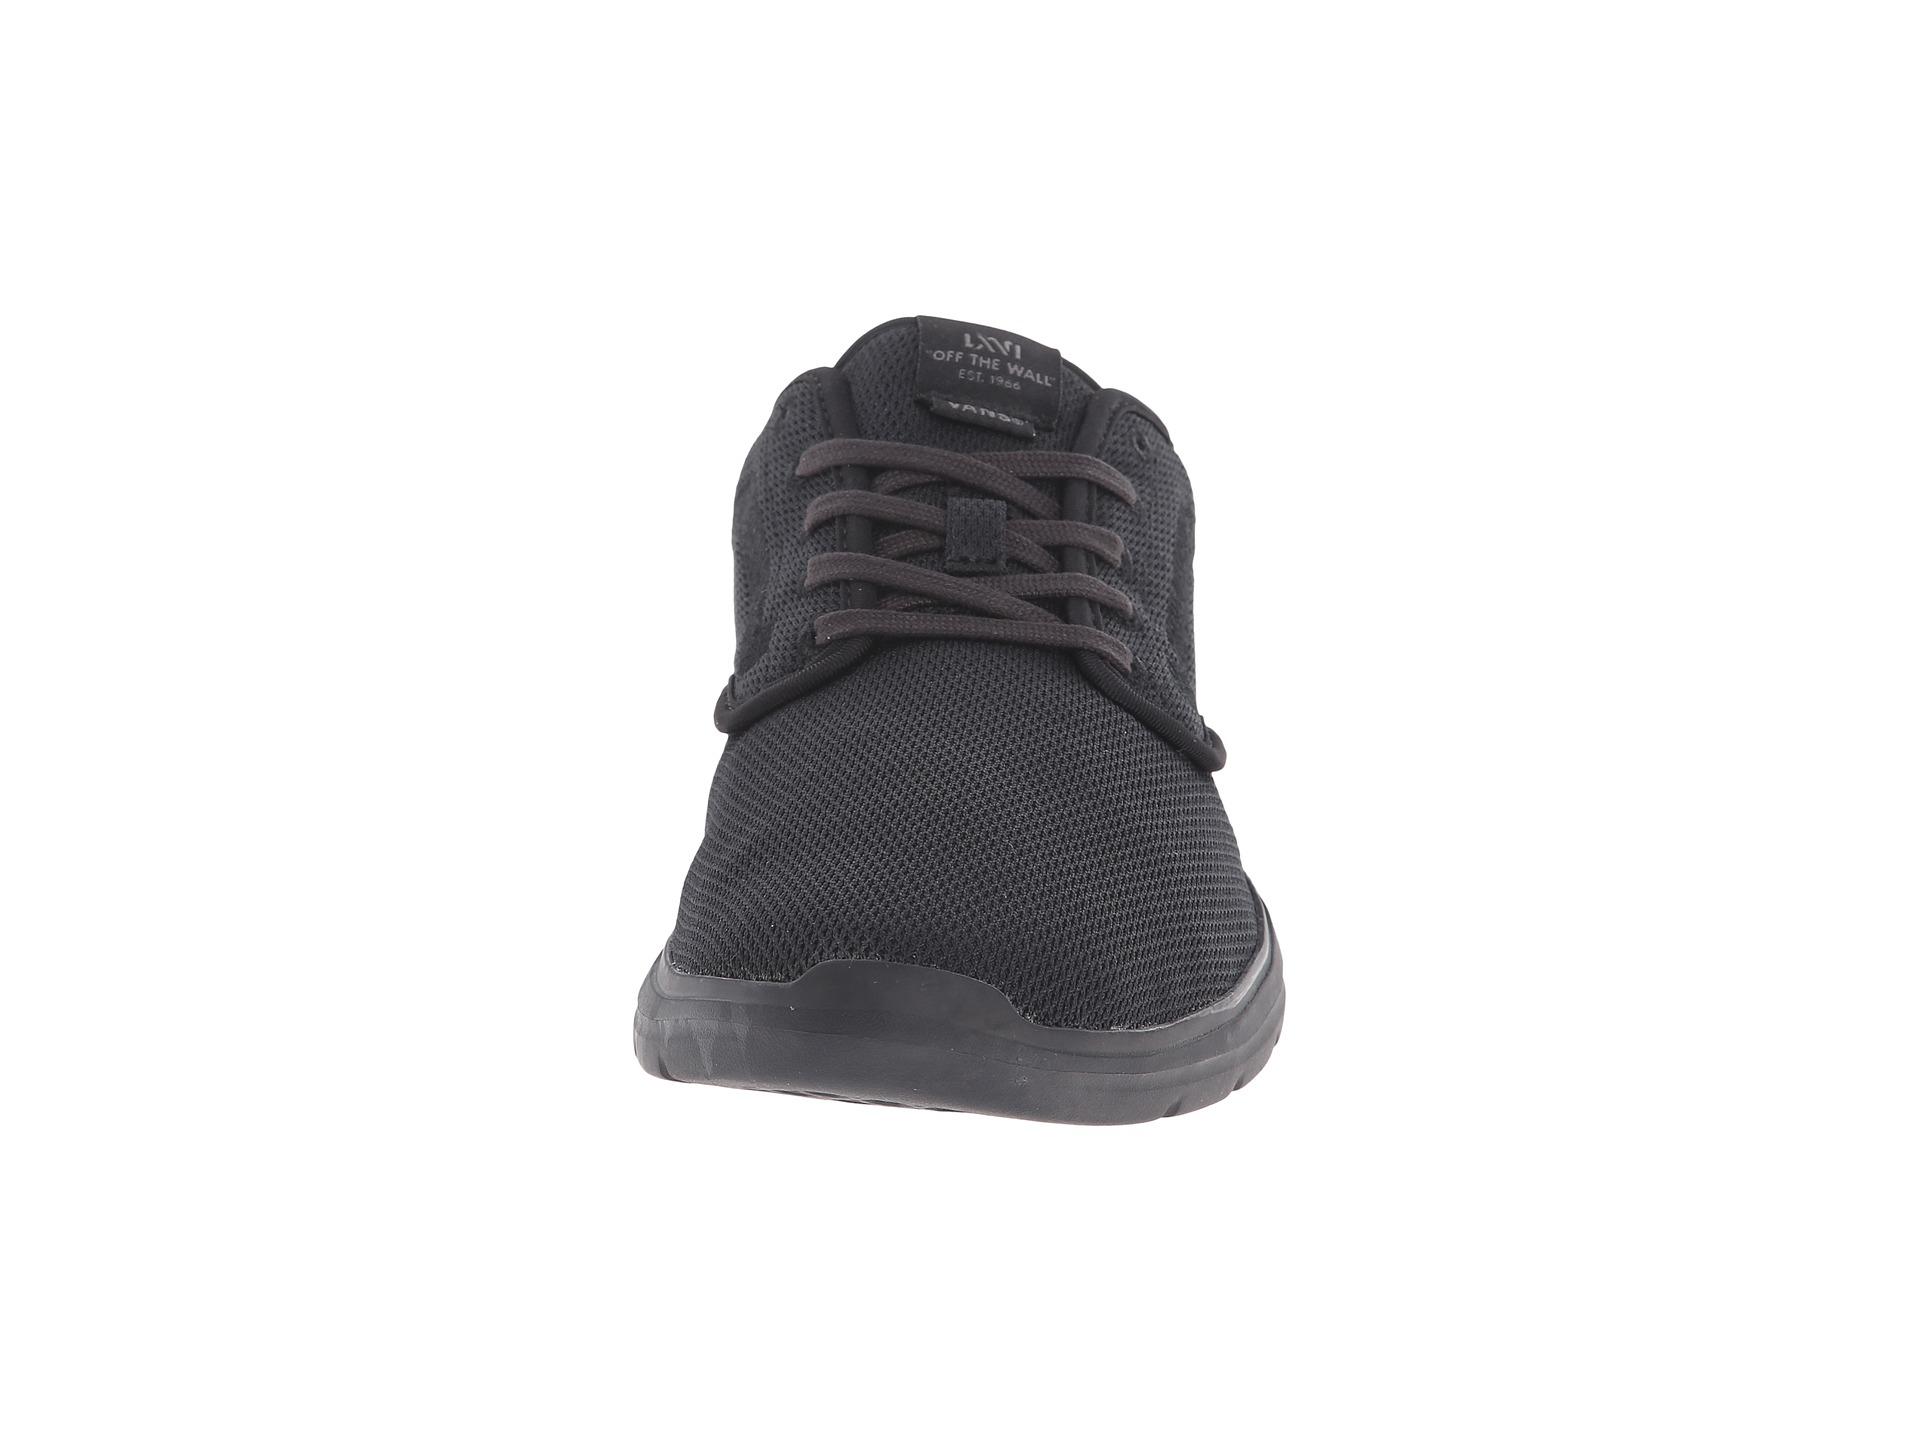 2a708ea51ba4a7 Lyst - Vans Iso 2 in Black for Men